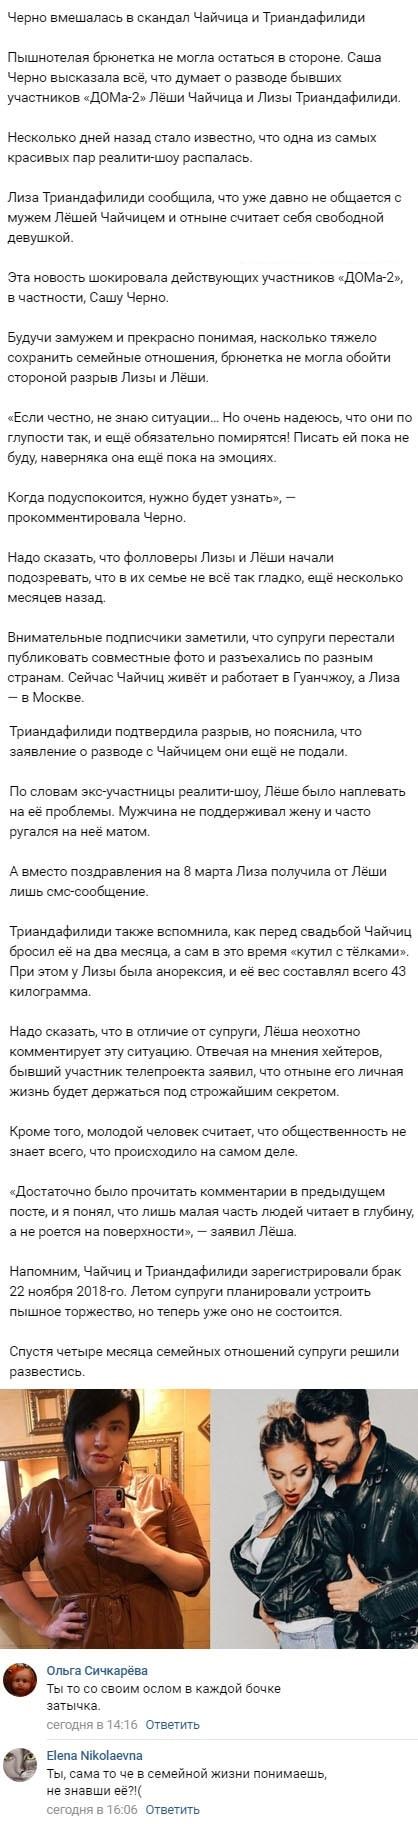 Александра Черно вмешалась в развод Алексея Чайчица и Елизаветы Триандафилиди